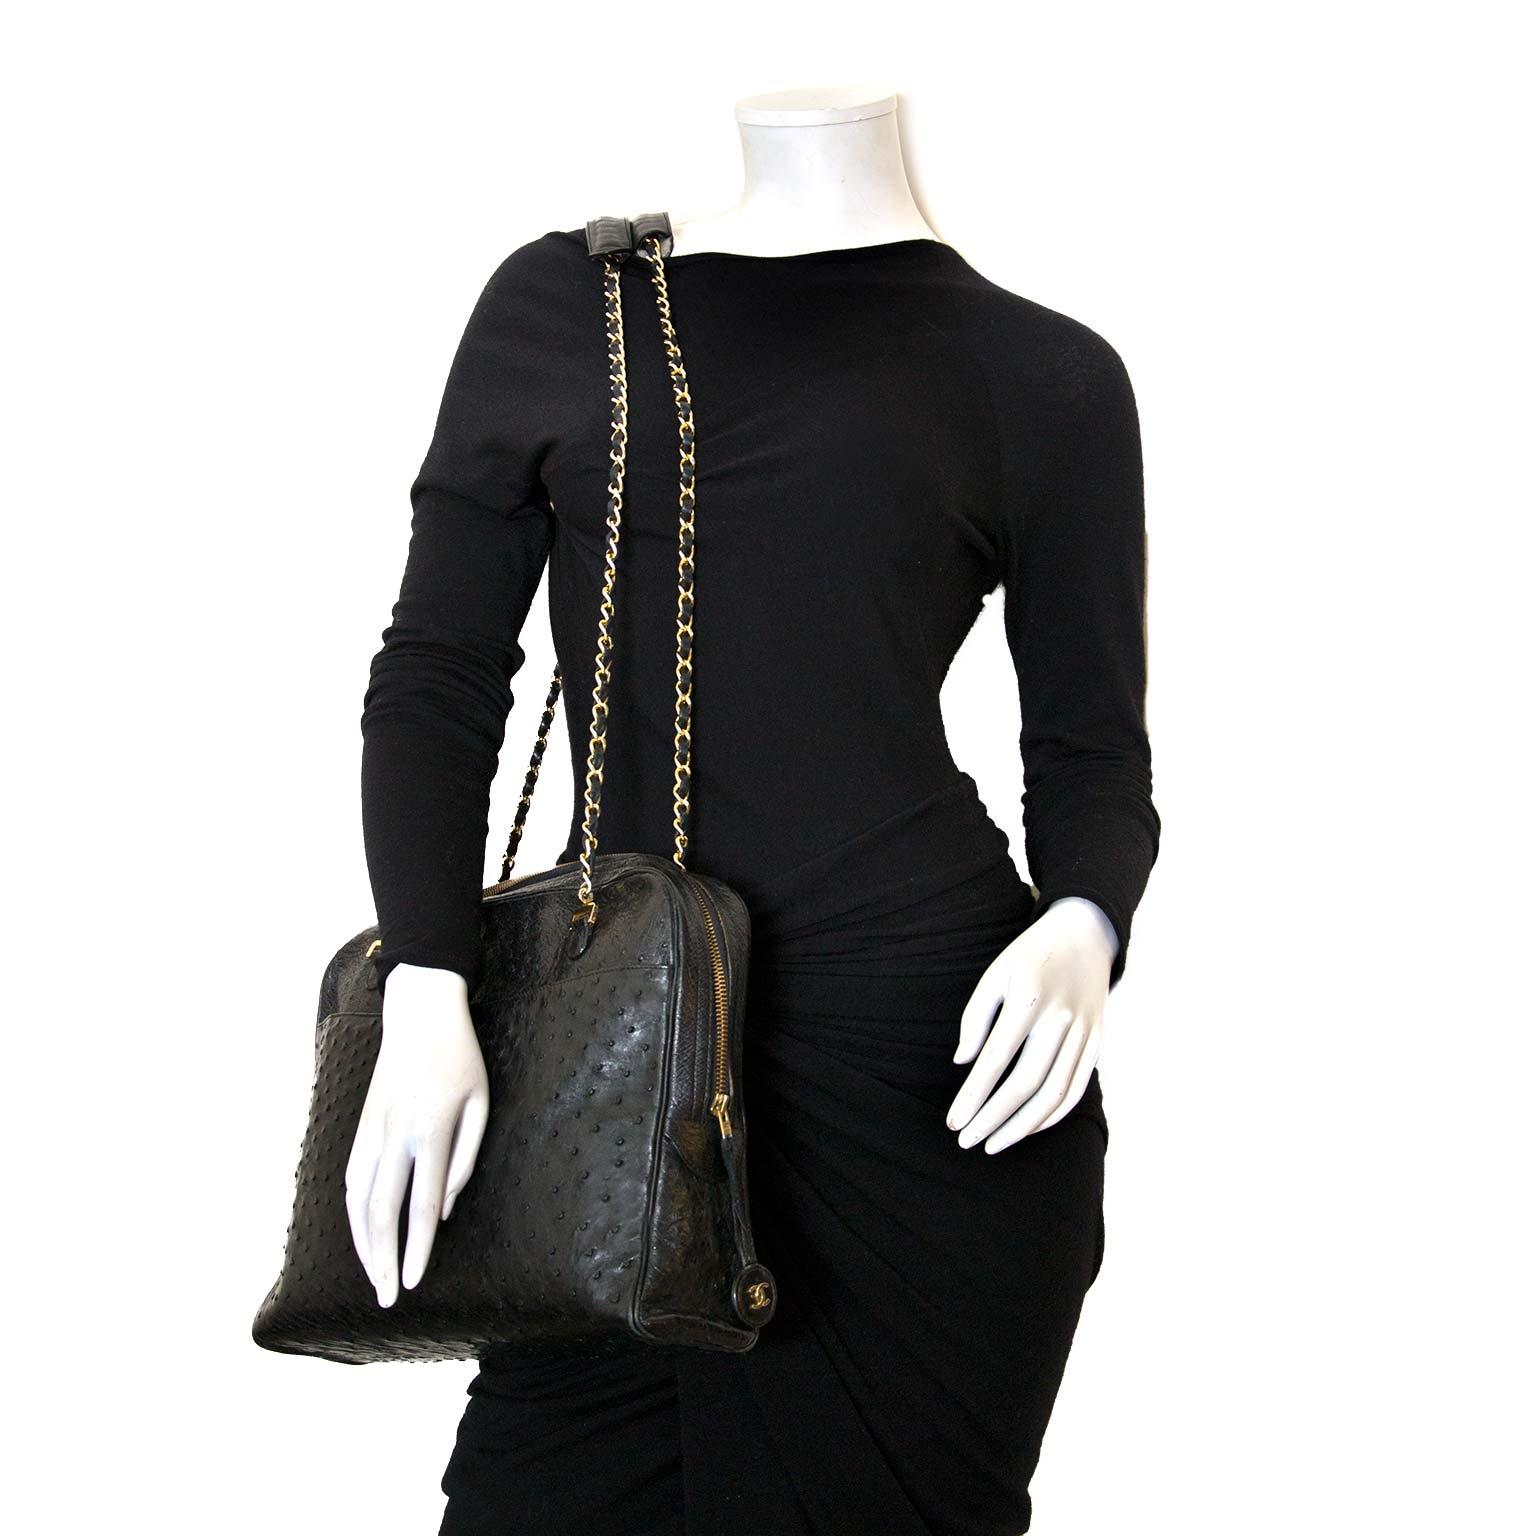 Koop authentieke Chanel struisvogel tas bij labellov vintage mode webshop belgië antwerpen